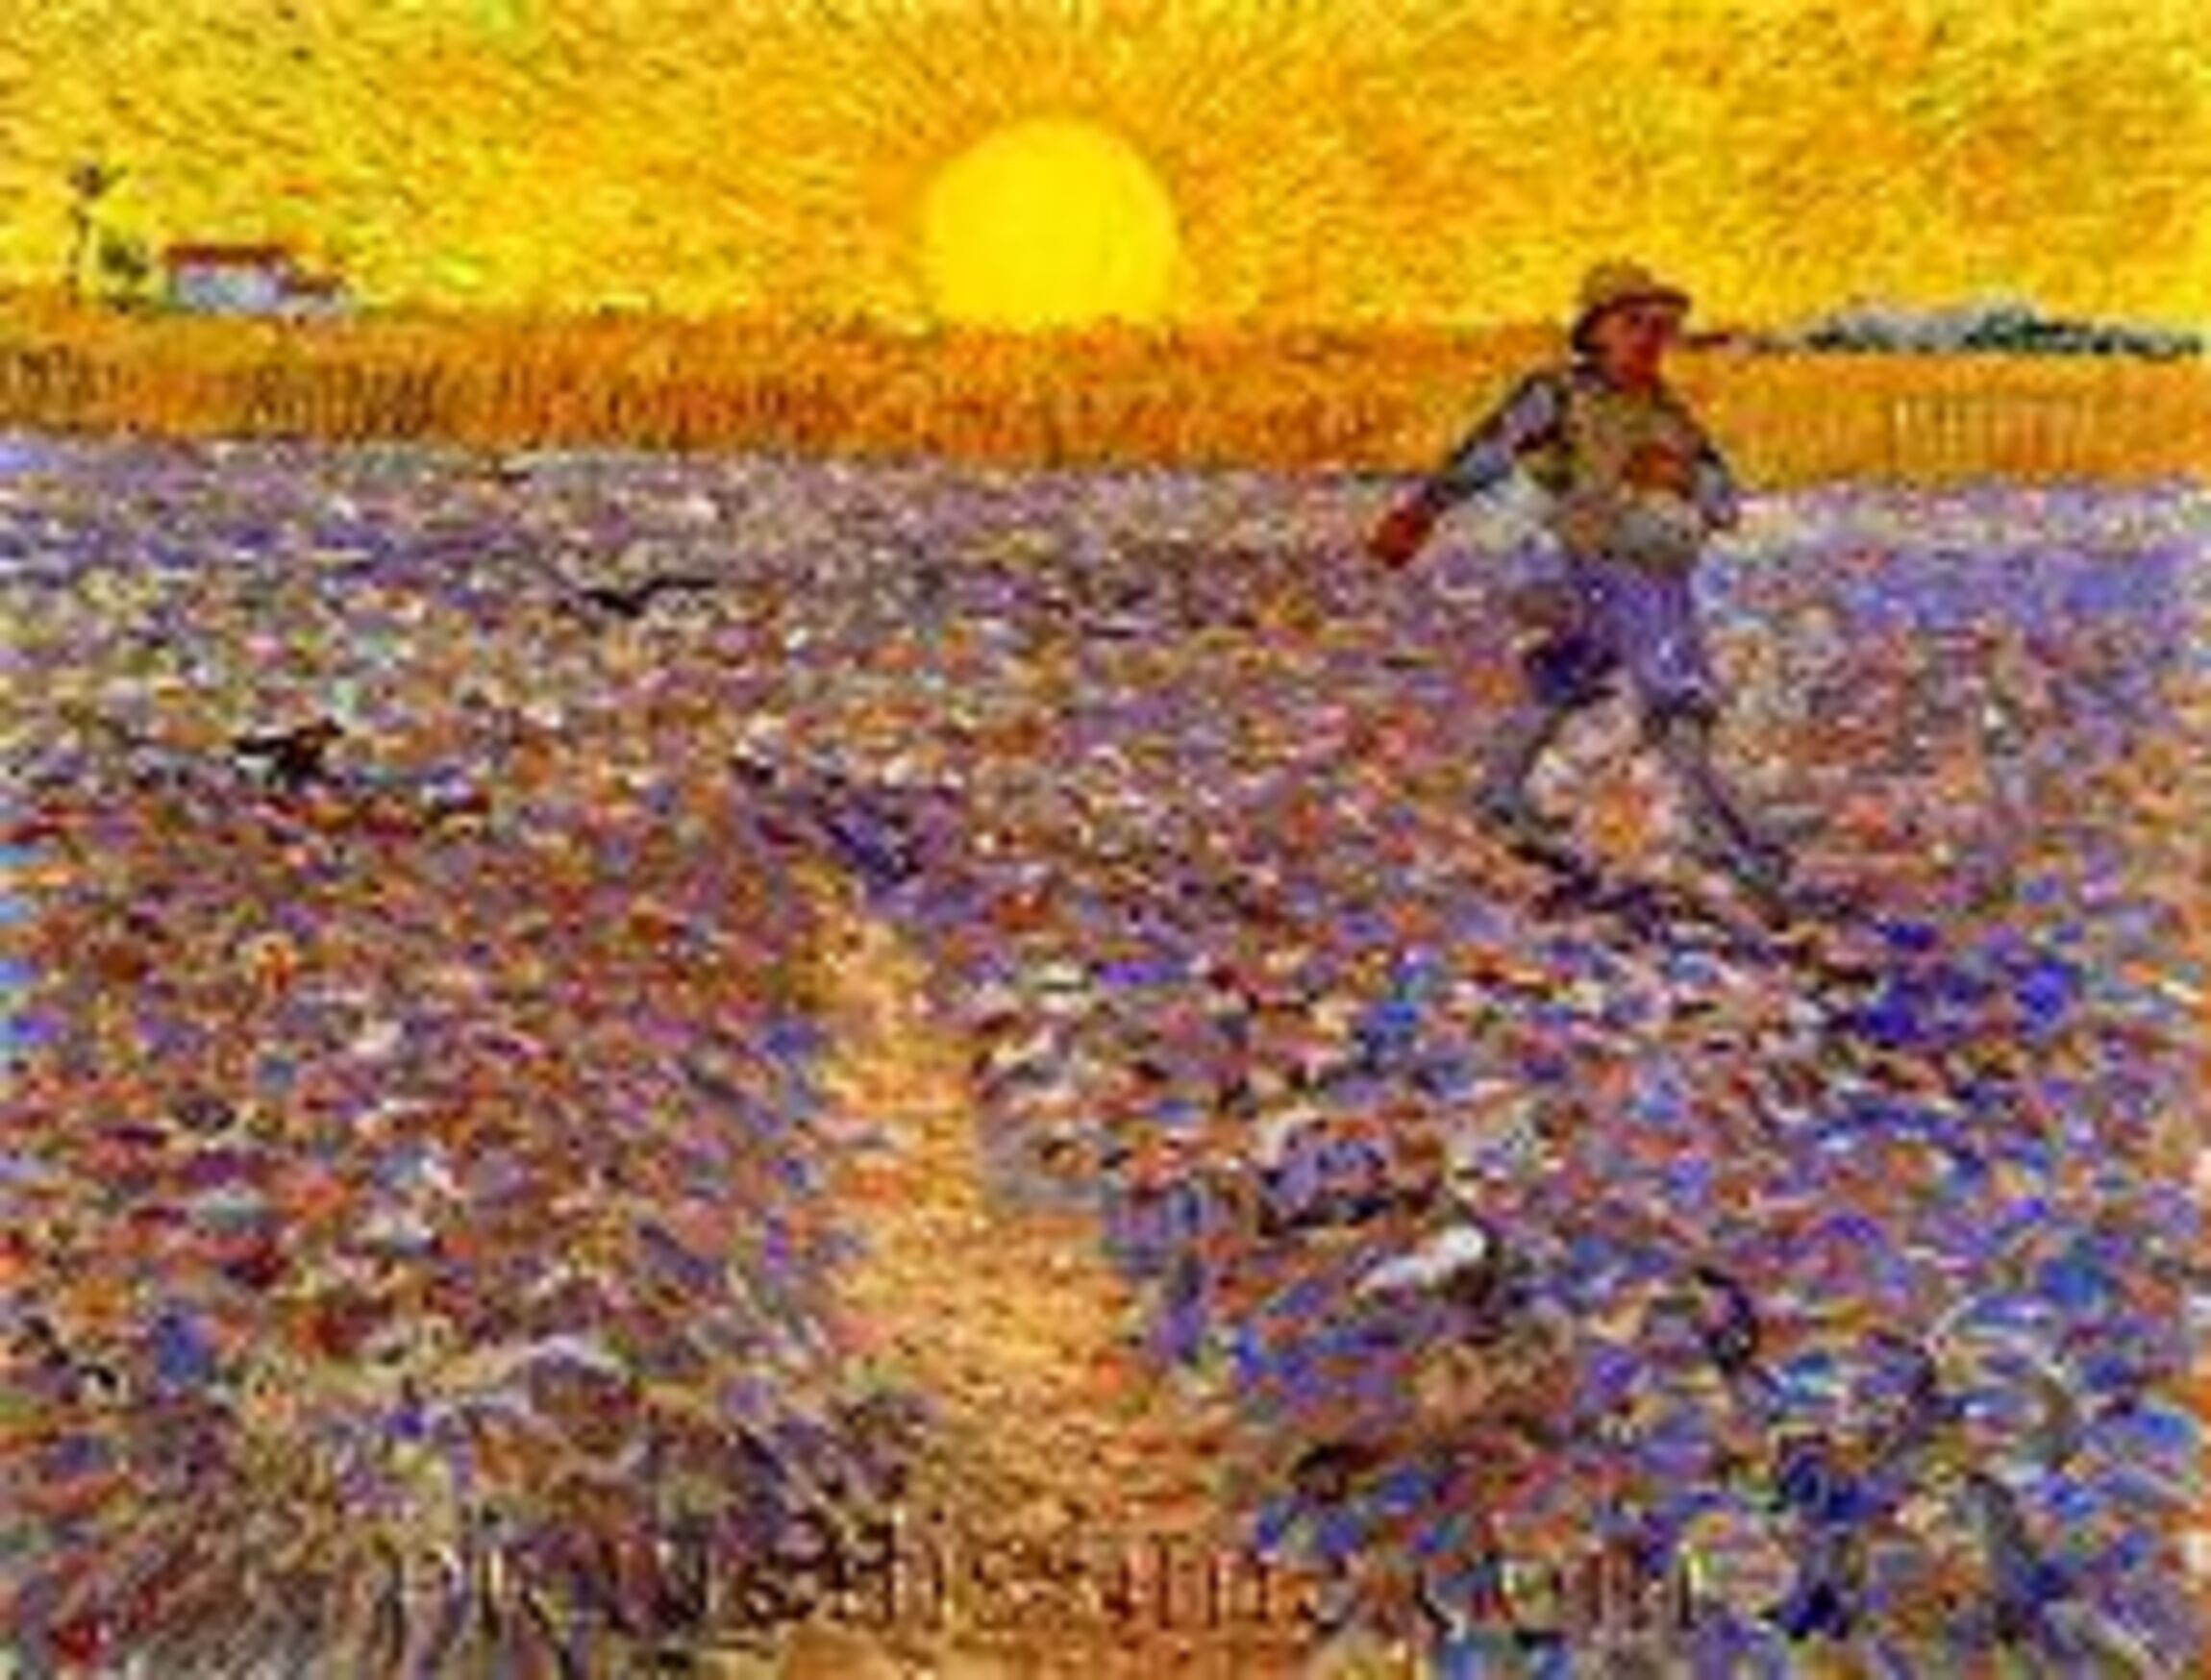 Rpi Loccum Der Samann Von Vincent Van Gogh